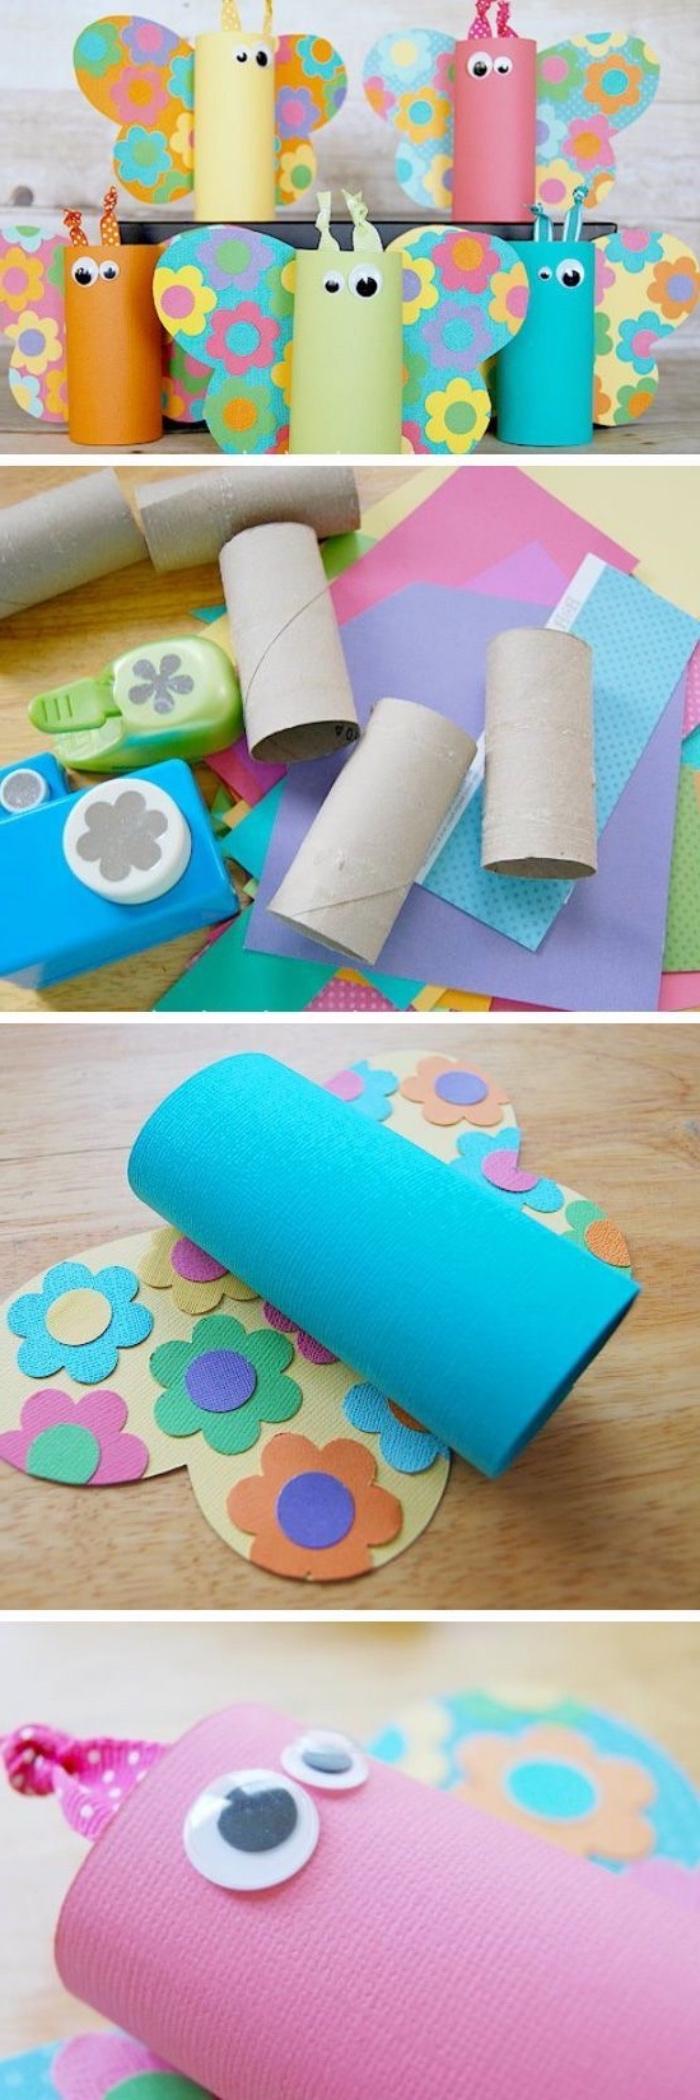 Bastelideen Kinder, Klorollen zu bunten Schmetterlingen verwandeln, blaues Papier, Blumen auf Papier aufkleben